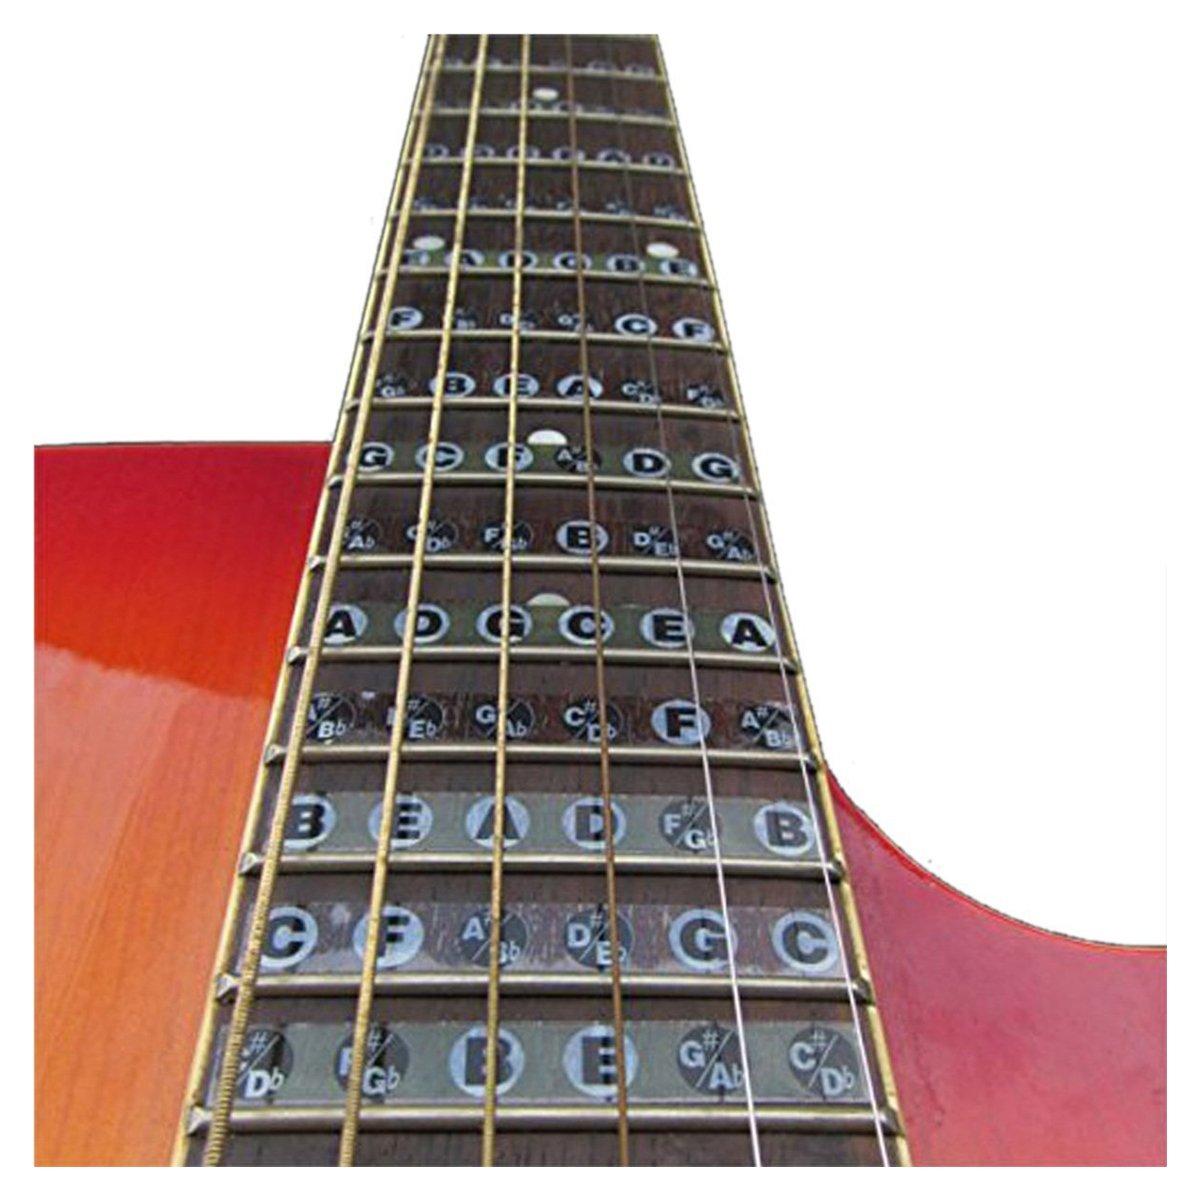 Cikuso Adhesivos de Nota de Diapason de Guitarra Pegatina del Mapa de trastes de Diapason para Practica de Aprendiz Principiante Adecuado 6 Cuerdas Guitarra ...